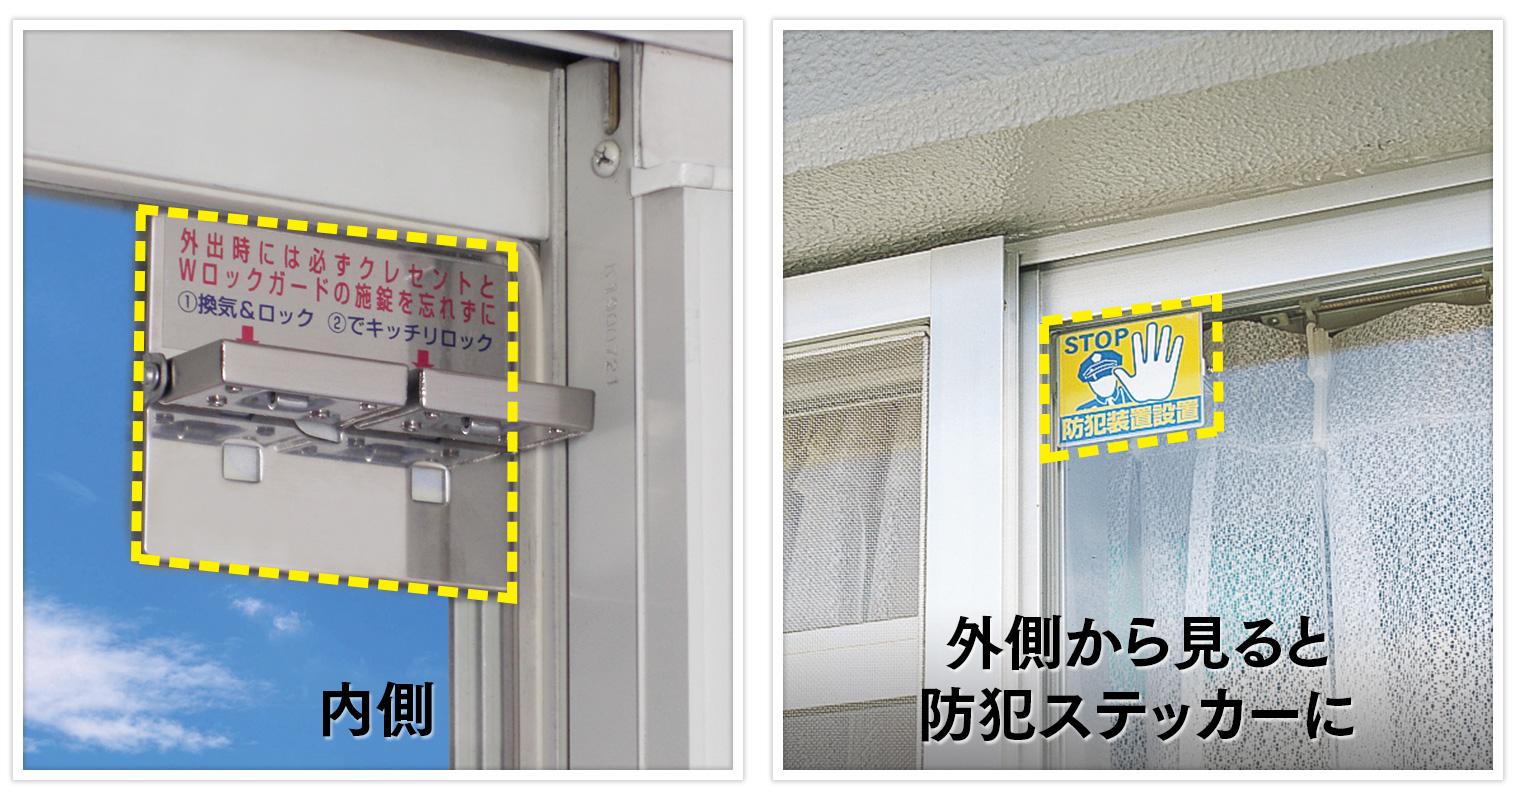 Wロックは、内側、外側から見ると防犯ステッカーに